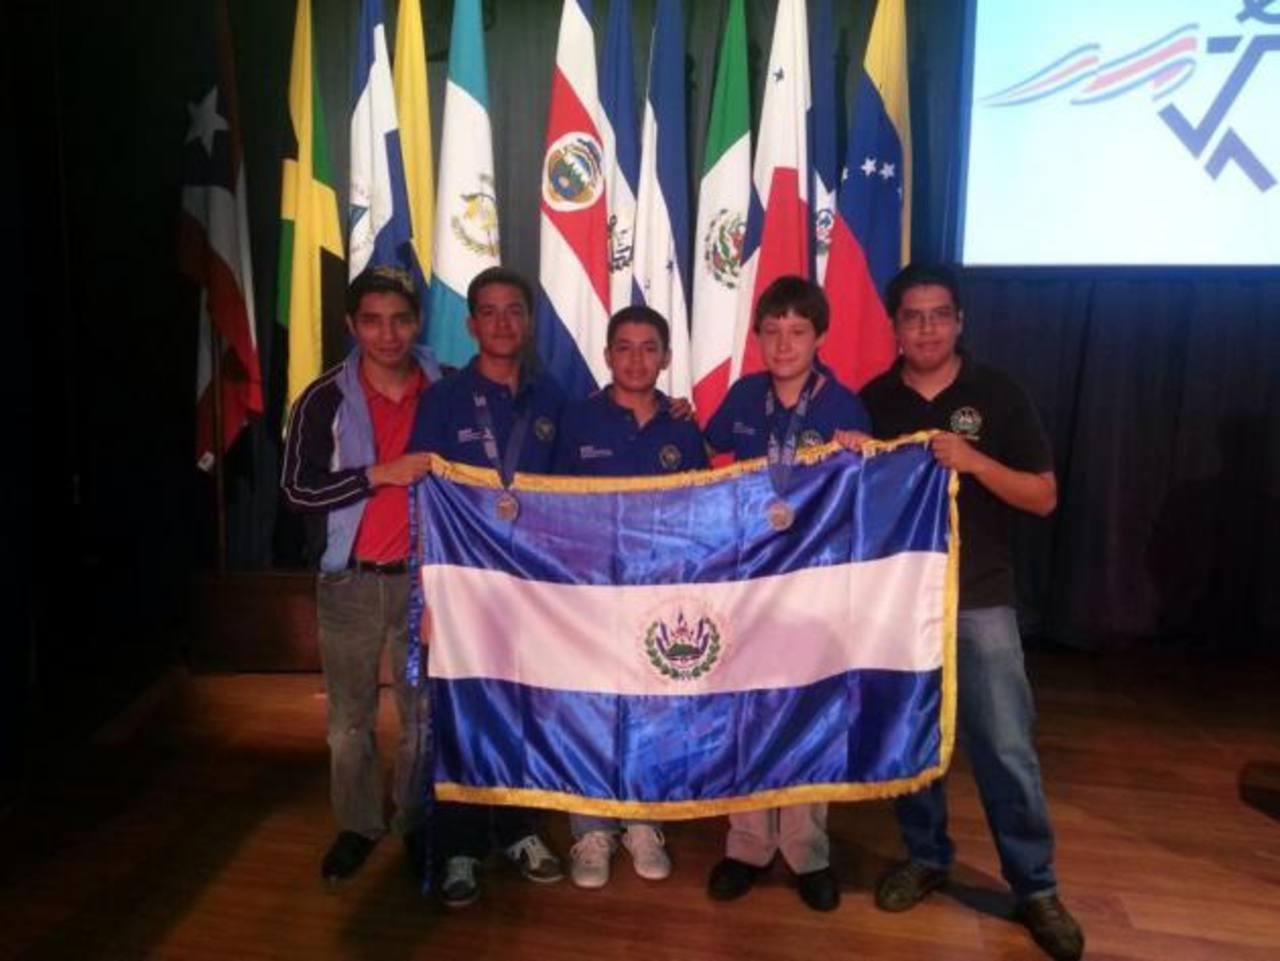 La delegación salvadoreña en la XVI Olimpiada de Centroamérica y El Caribe. Al centro los competidores. FOTO EDH/ CORTESÍA